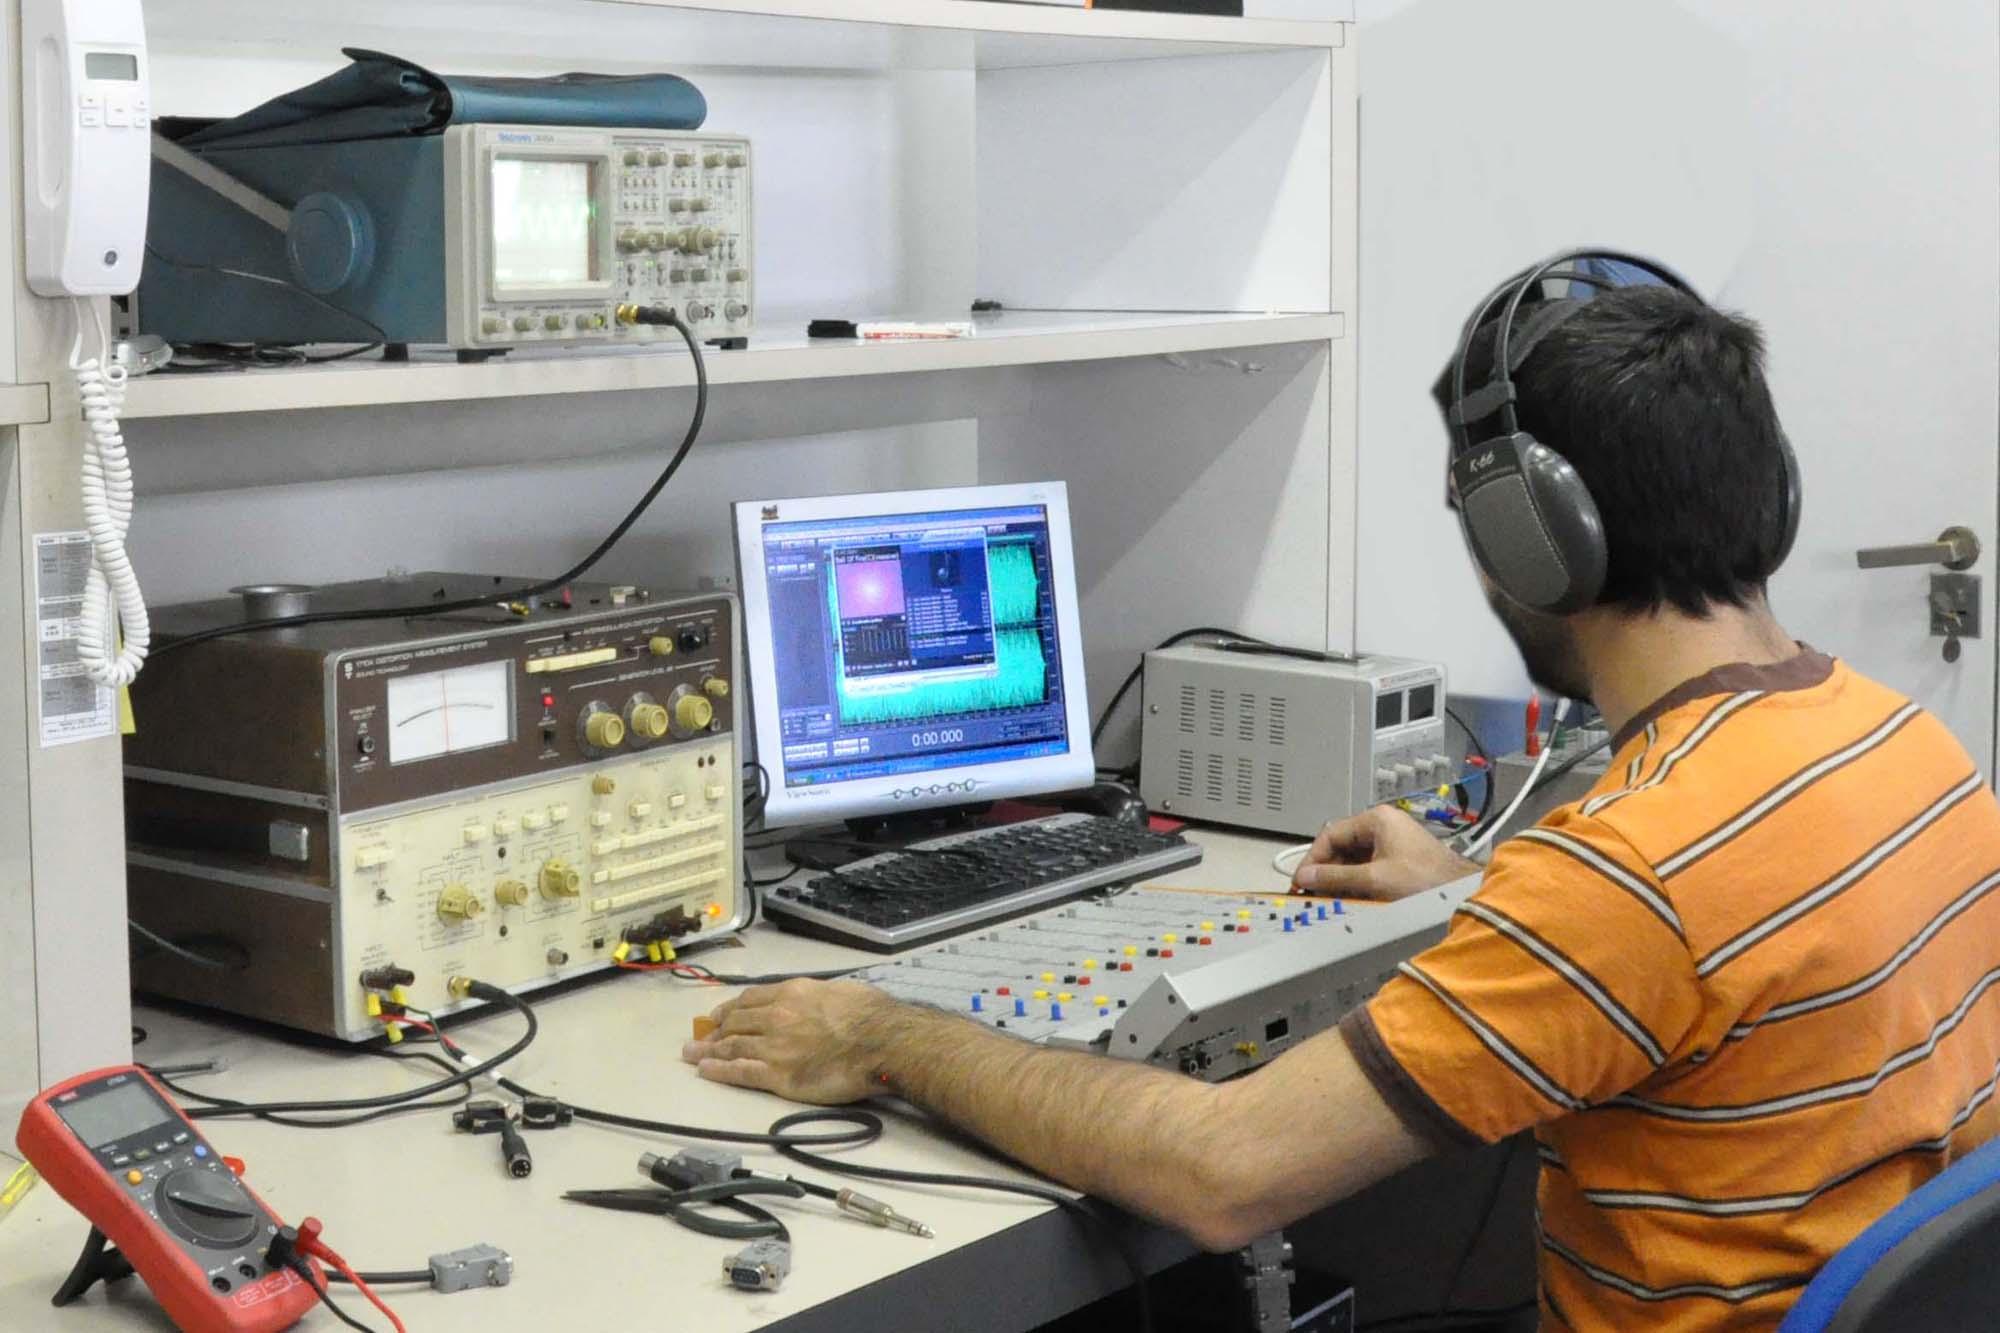 Audio y sonido. La empresa que exporta productos para estaciones de radio a 67 países